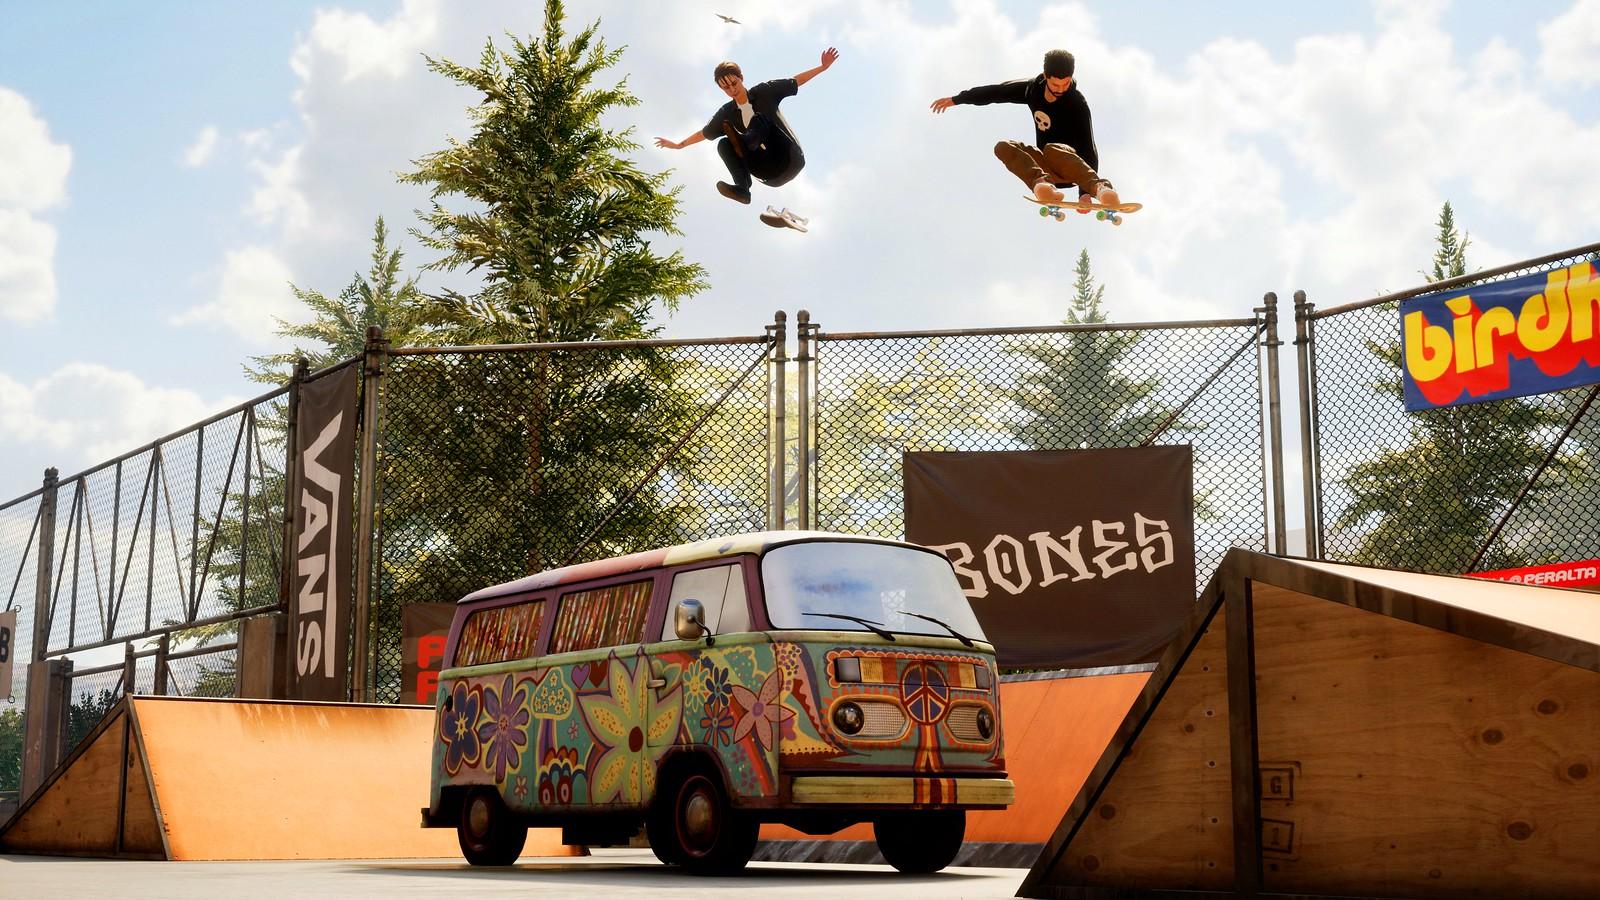 Tony Hawk's Pro Skater 1 + 2 PS5